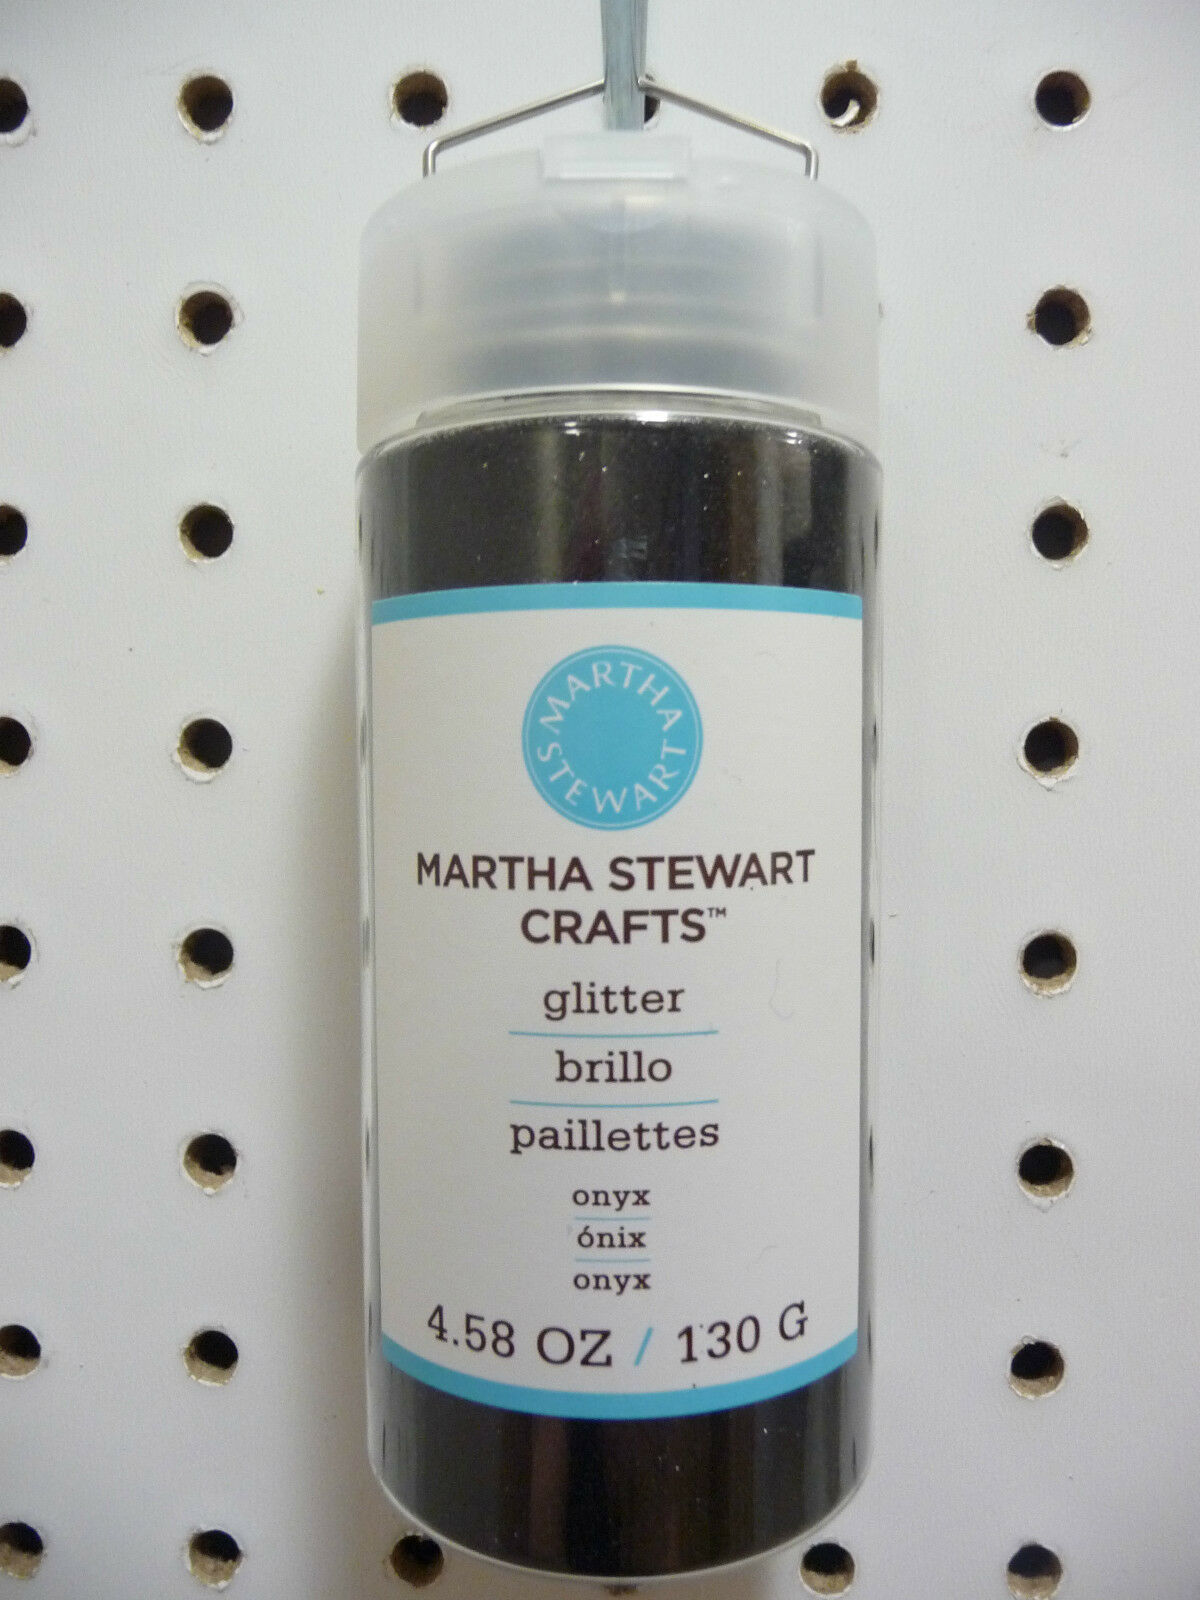 MARTHA STEWART CRAFTS BROWNSTONE GLITTER 1.5 OZ NEW A7181